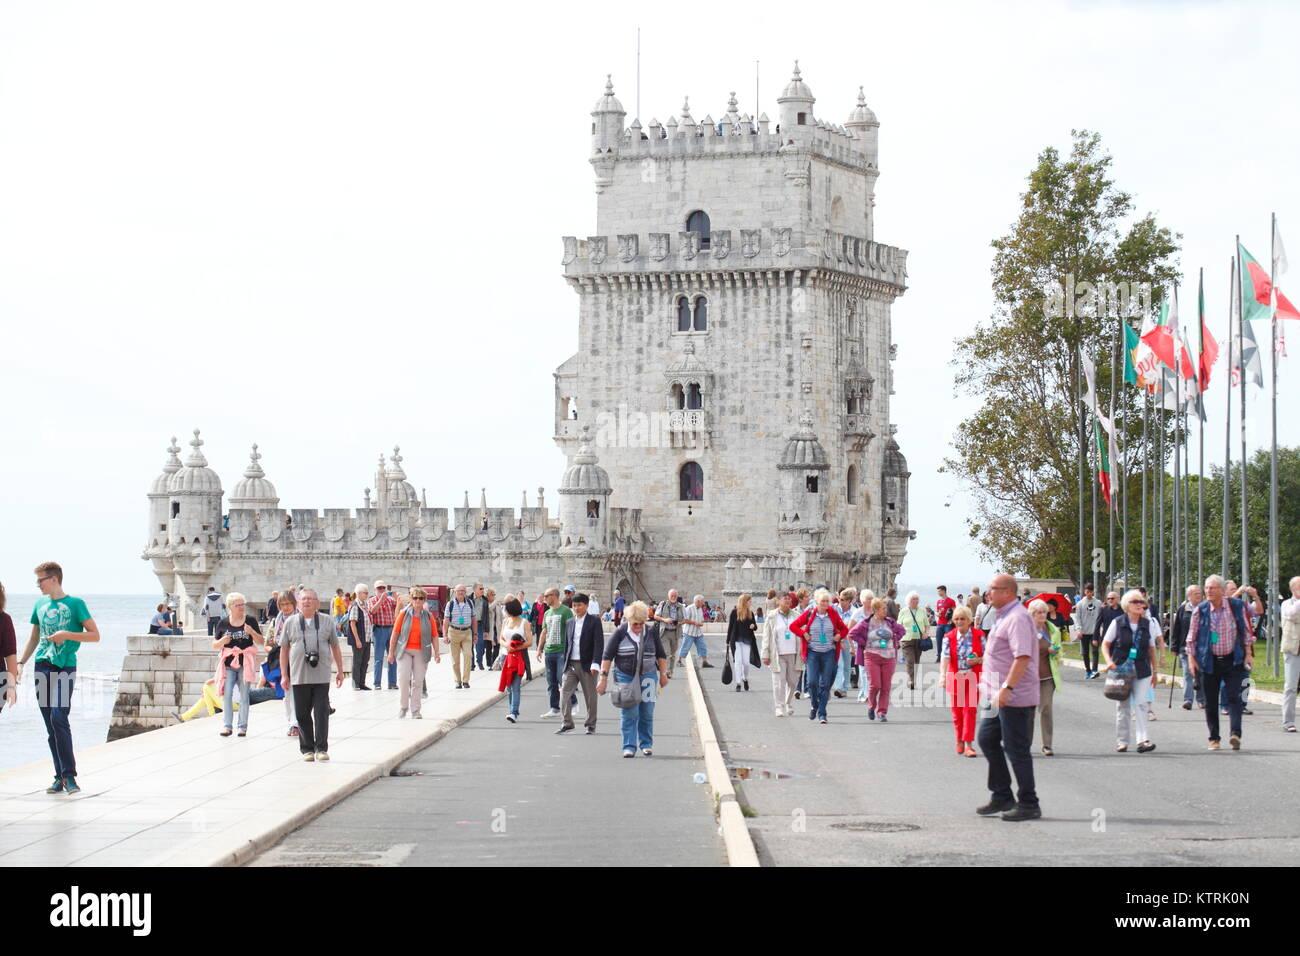 Lissabon Fluss torre de belém turm fluss tejo belem lissabon portugal europa i